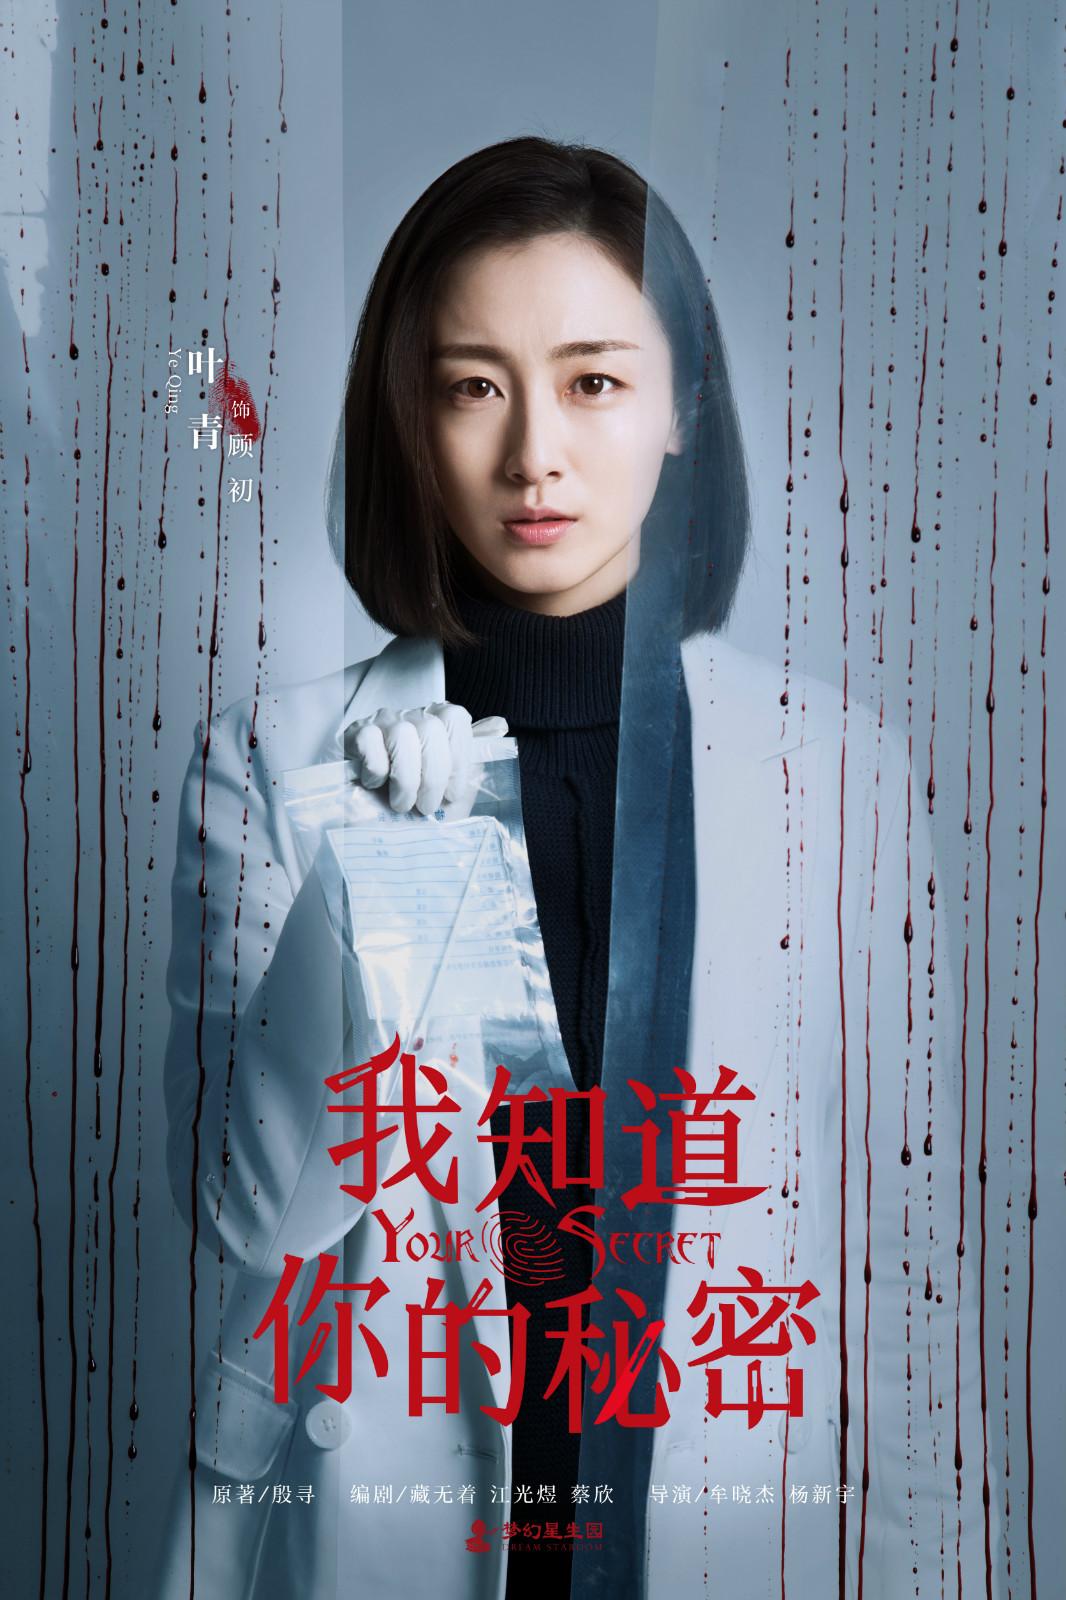 2.电视剧《我知道你的秘密》人物海报.jpg